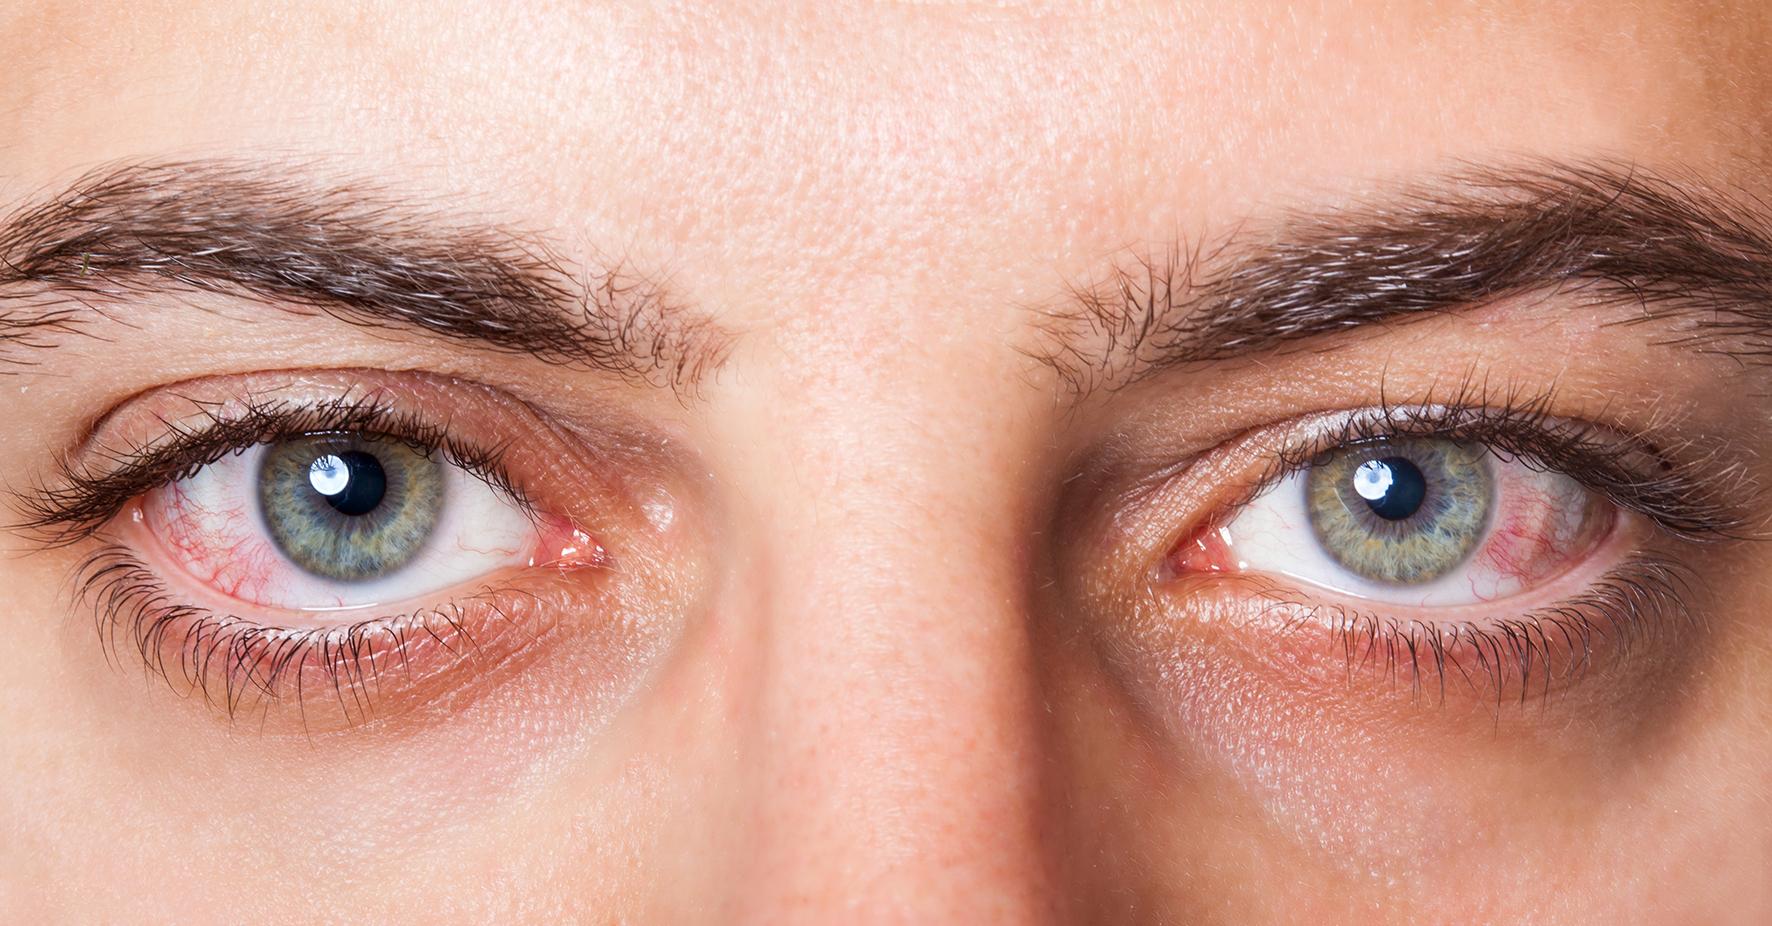 ¿Pueden los antibióticos orales tratar las infecciones oculares?